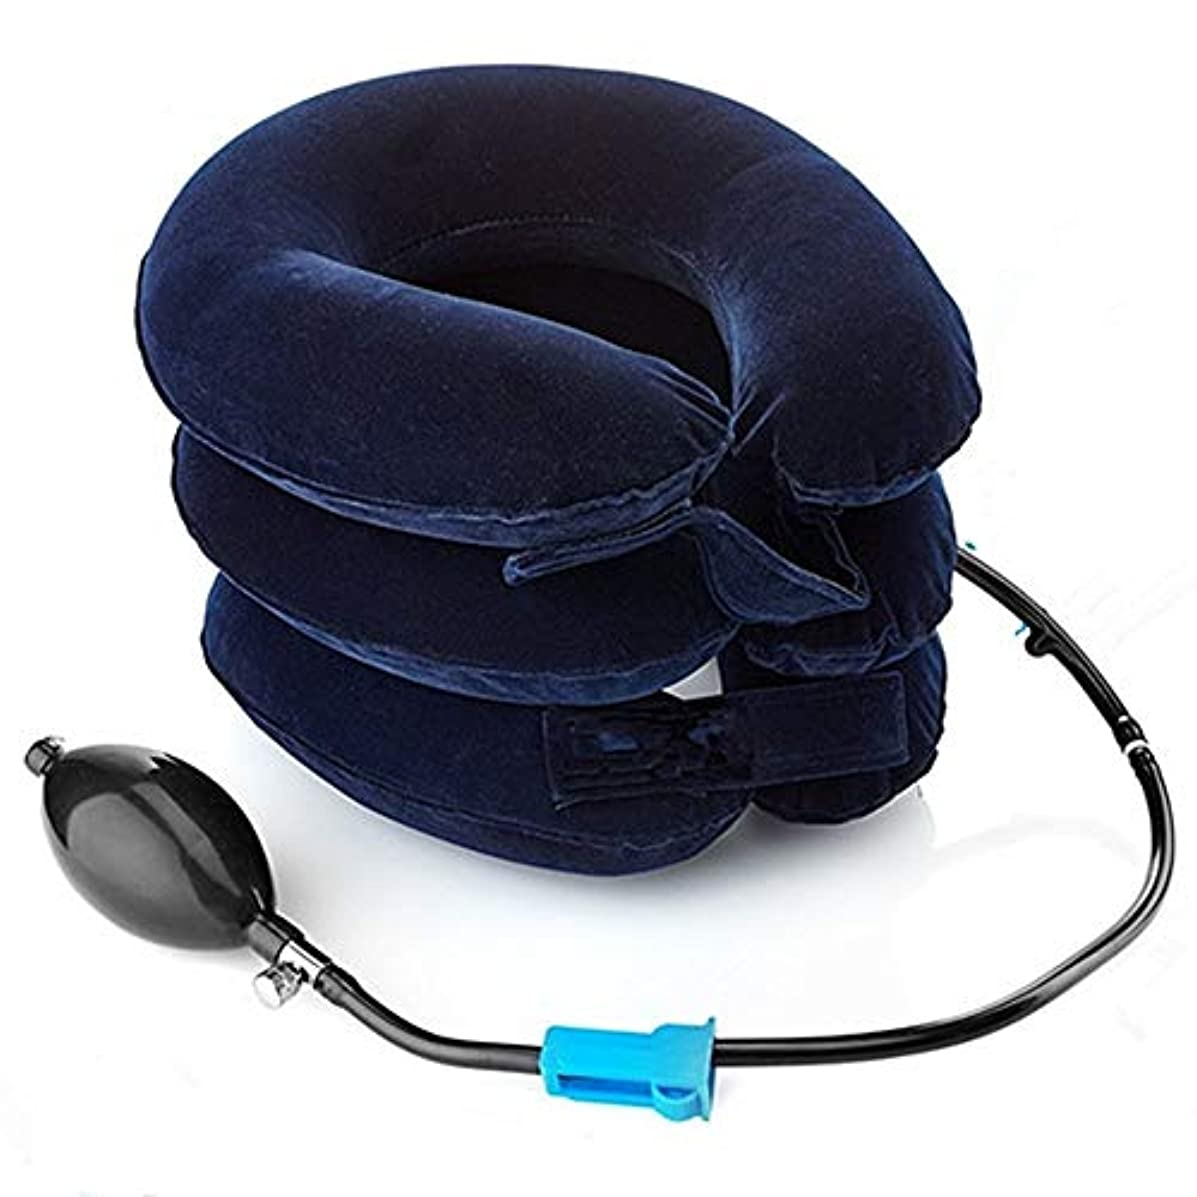 手足歯無線子宮頸管牽引装置FDA登録 - ホームトラクション背骨の整列のためのインフレータブル&調節可能なネックストレッチャーカラー